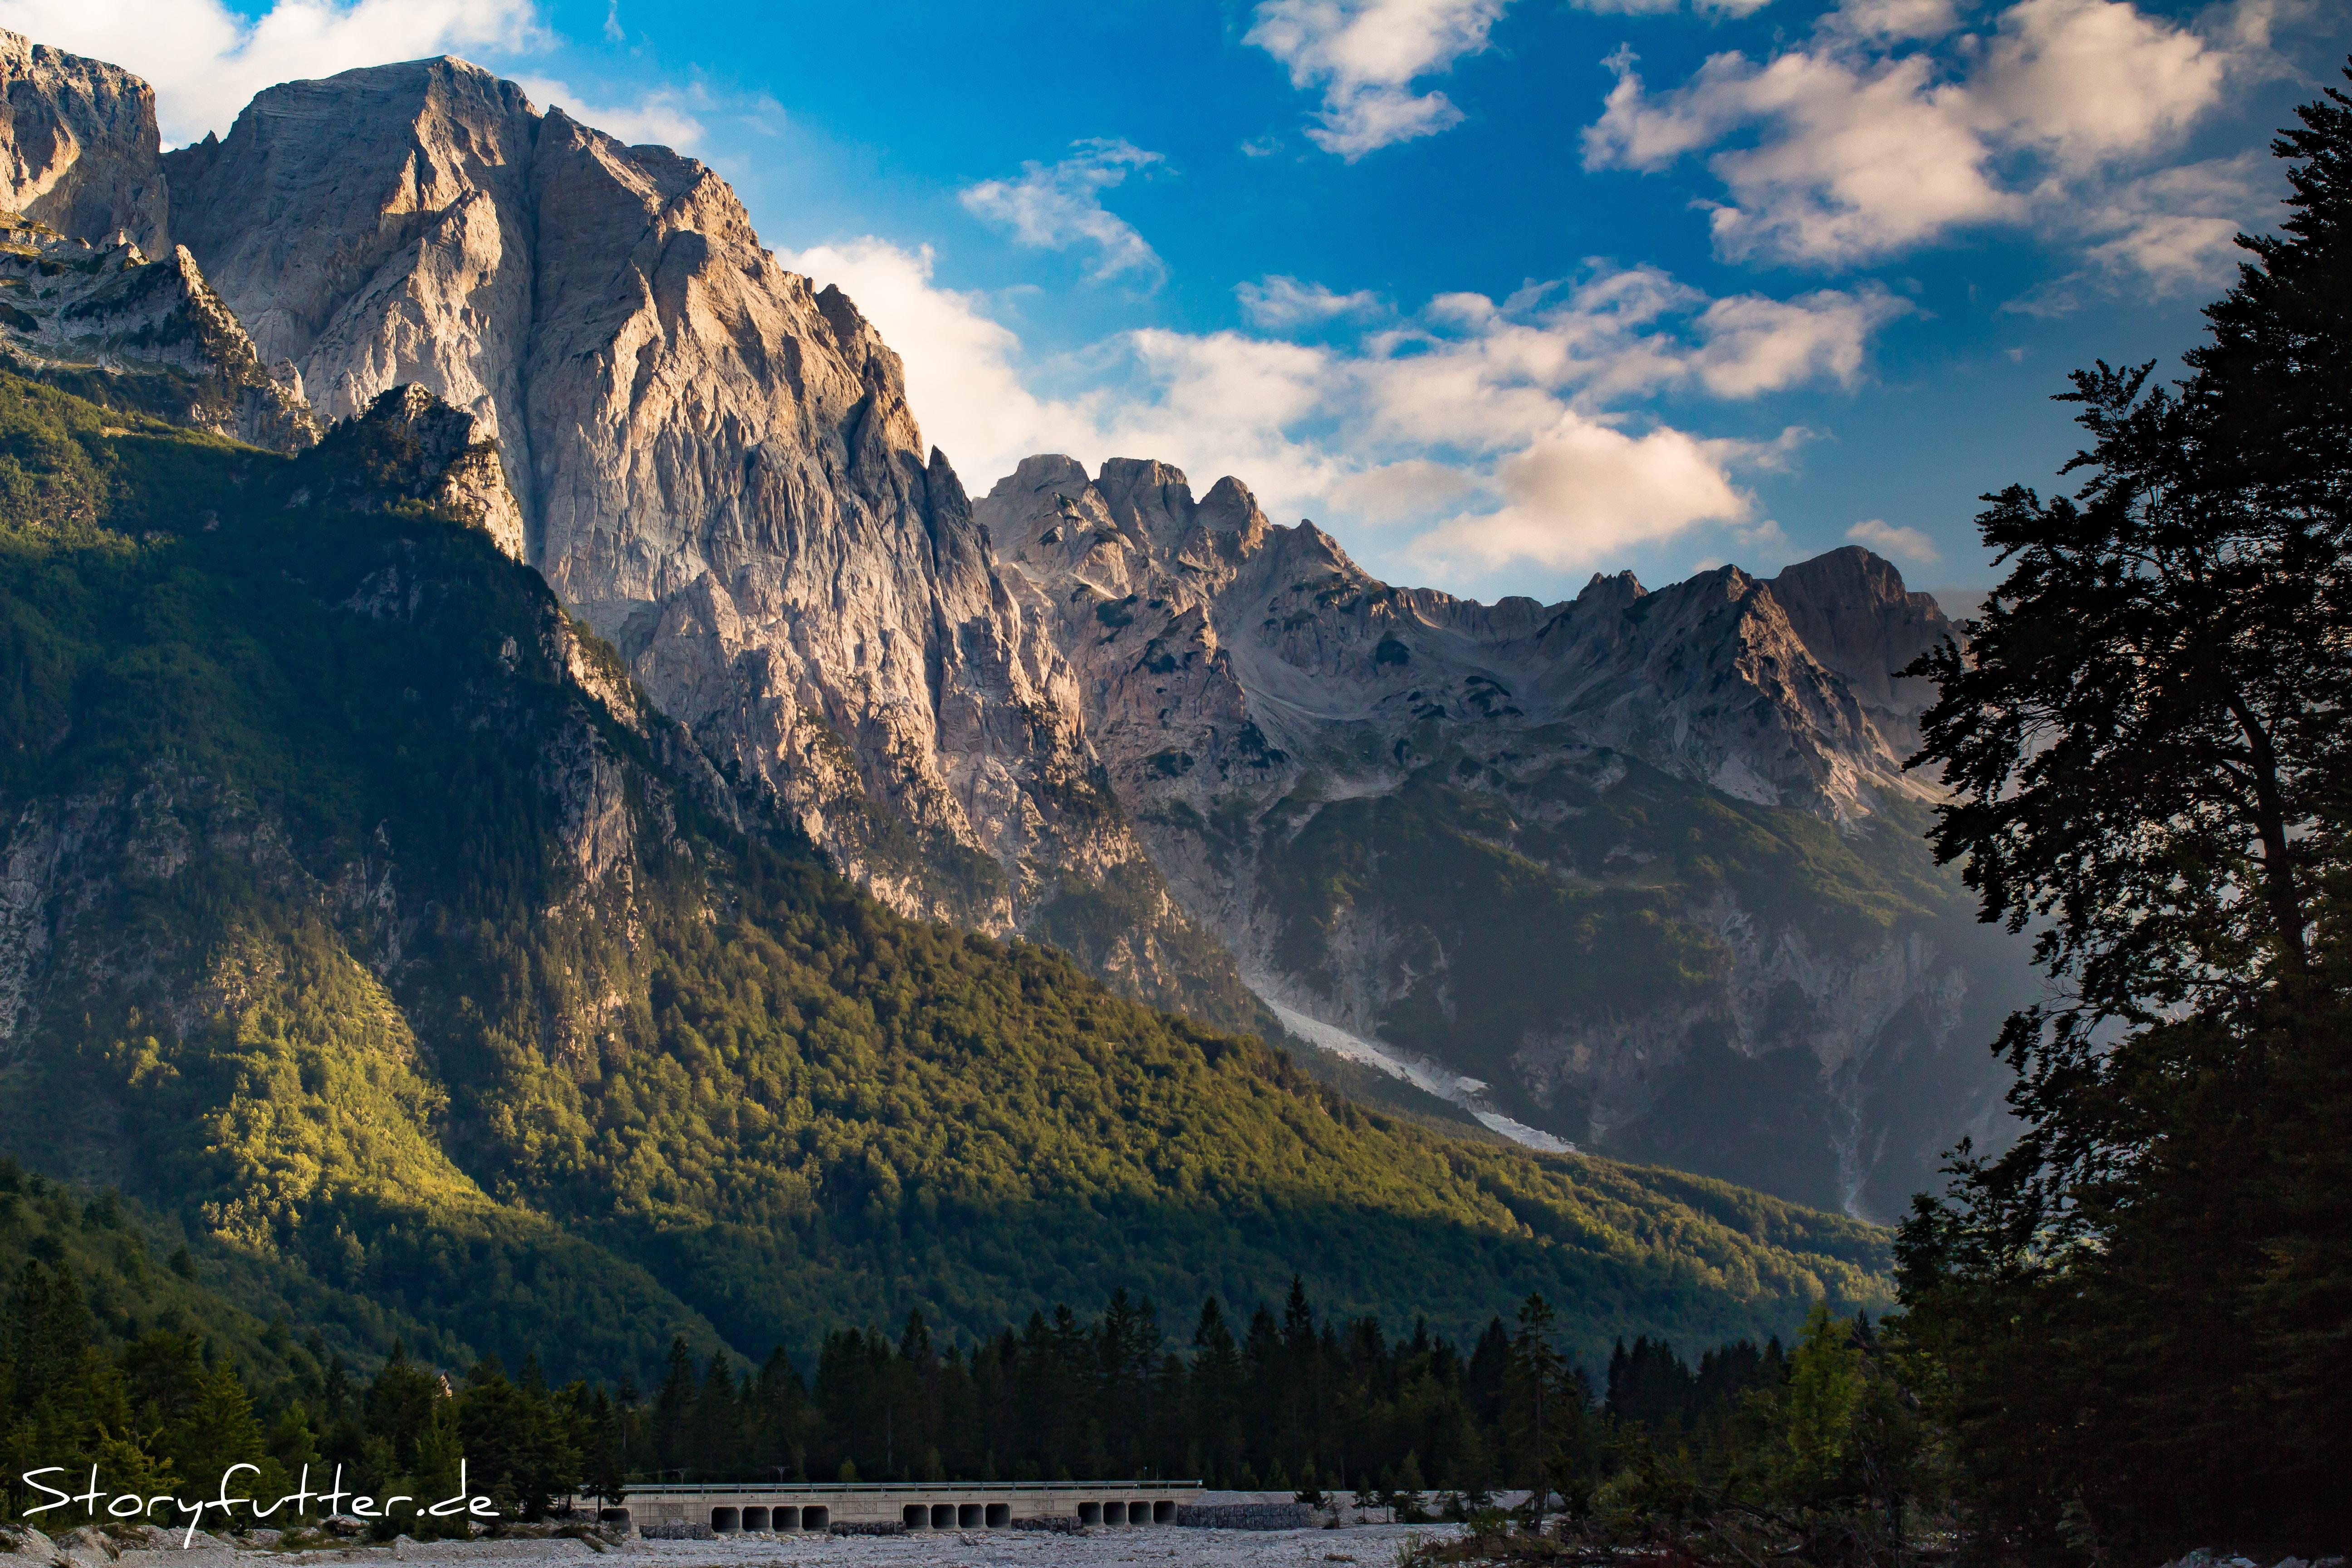 Atemberaubende Aussichten auf die Bergflanke, die Valbone von Teth trennt.